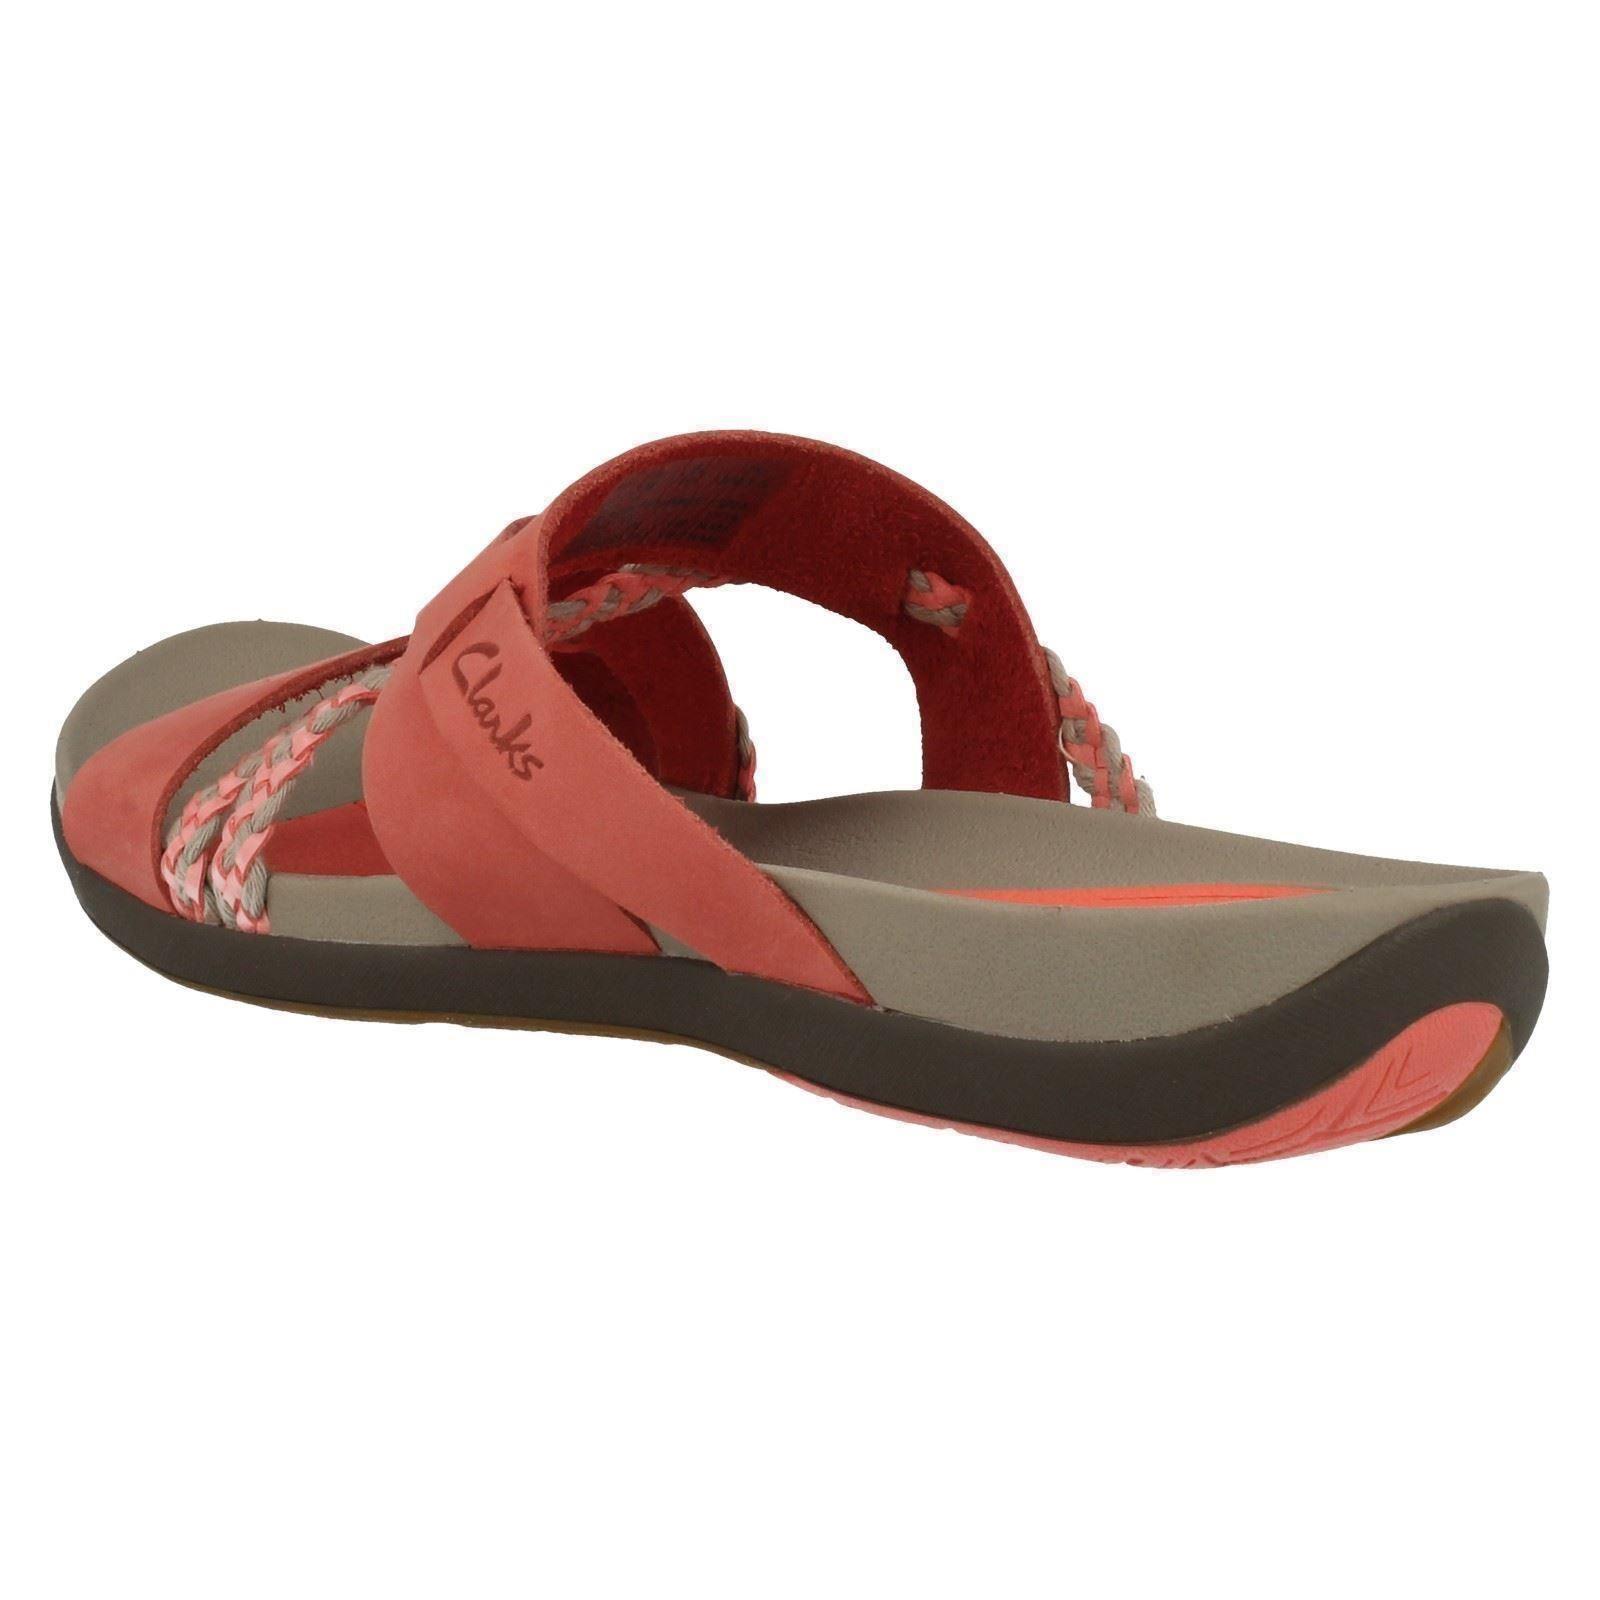 Ladies Clarks Casual Sandals Tealite Slide Ebay